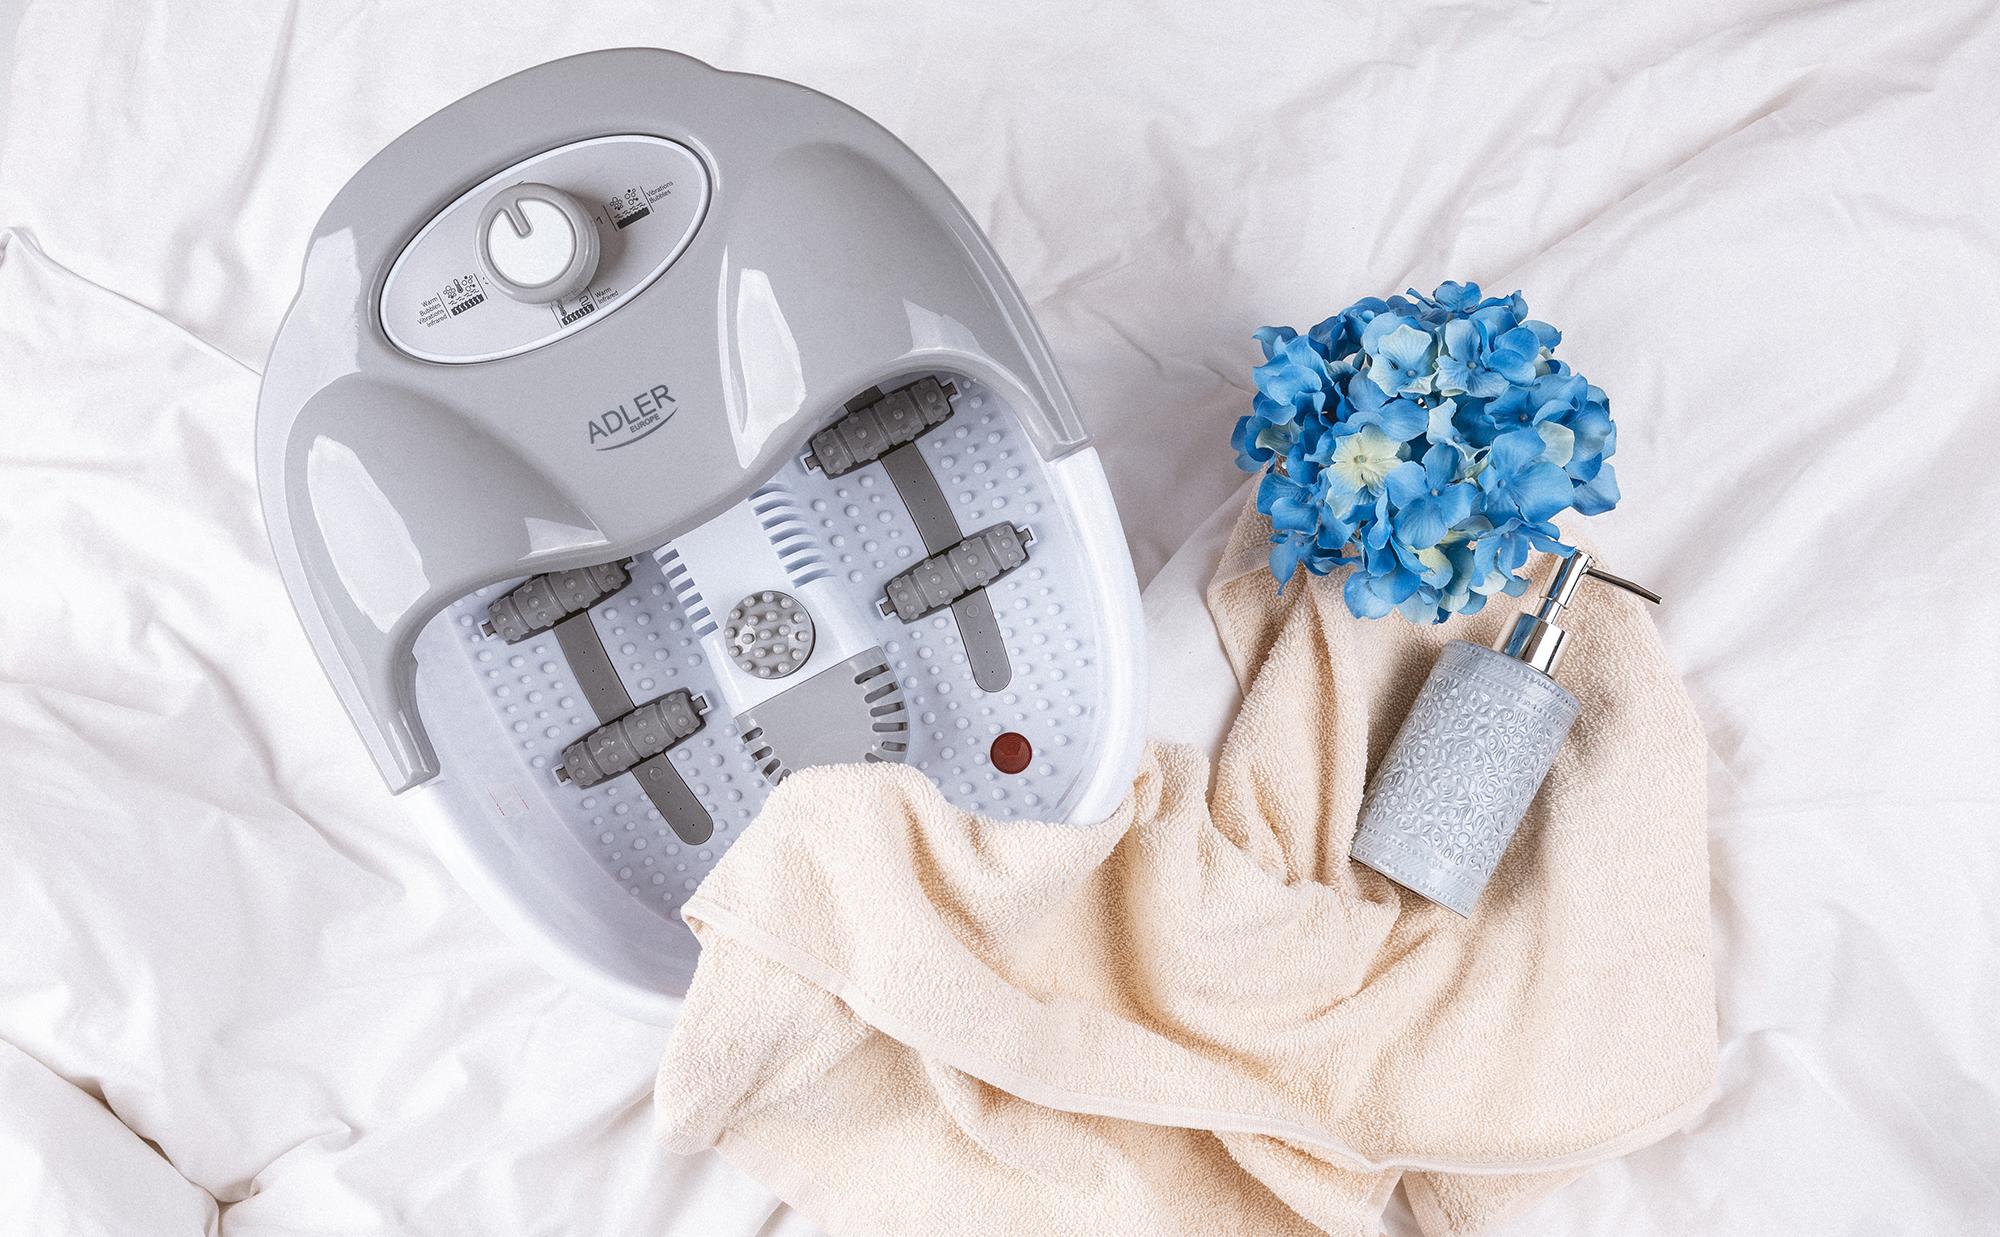 ADLER AD-2167 Masajeador de Pies con Agua, masaje de Burbujas y por vibración, Control de Temperatura por infrarrojos, Cepillos intercambiables, 80 W